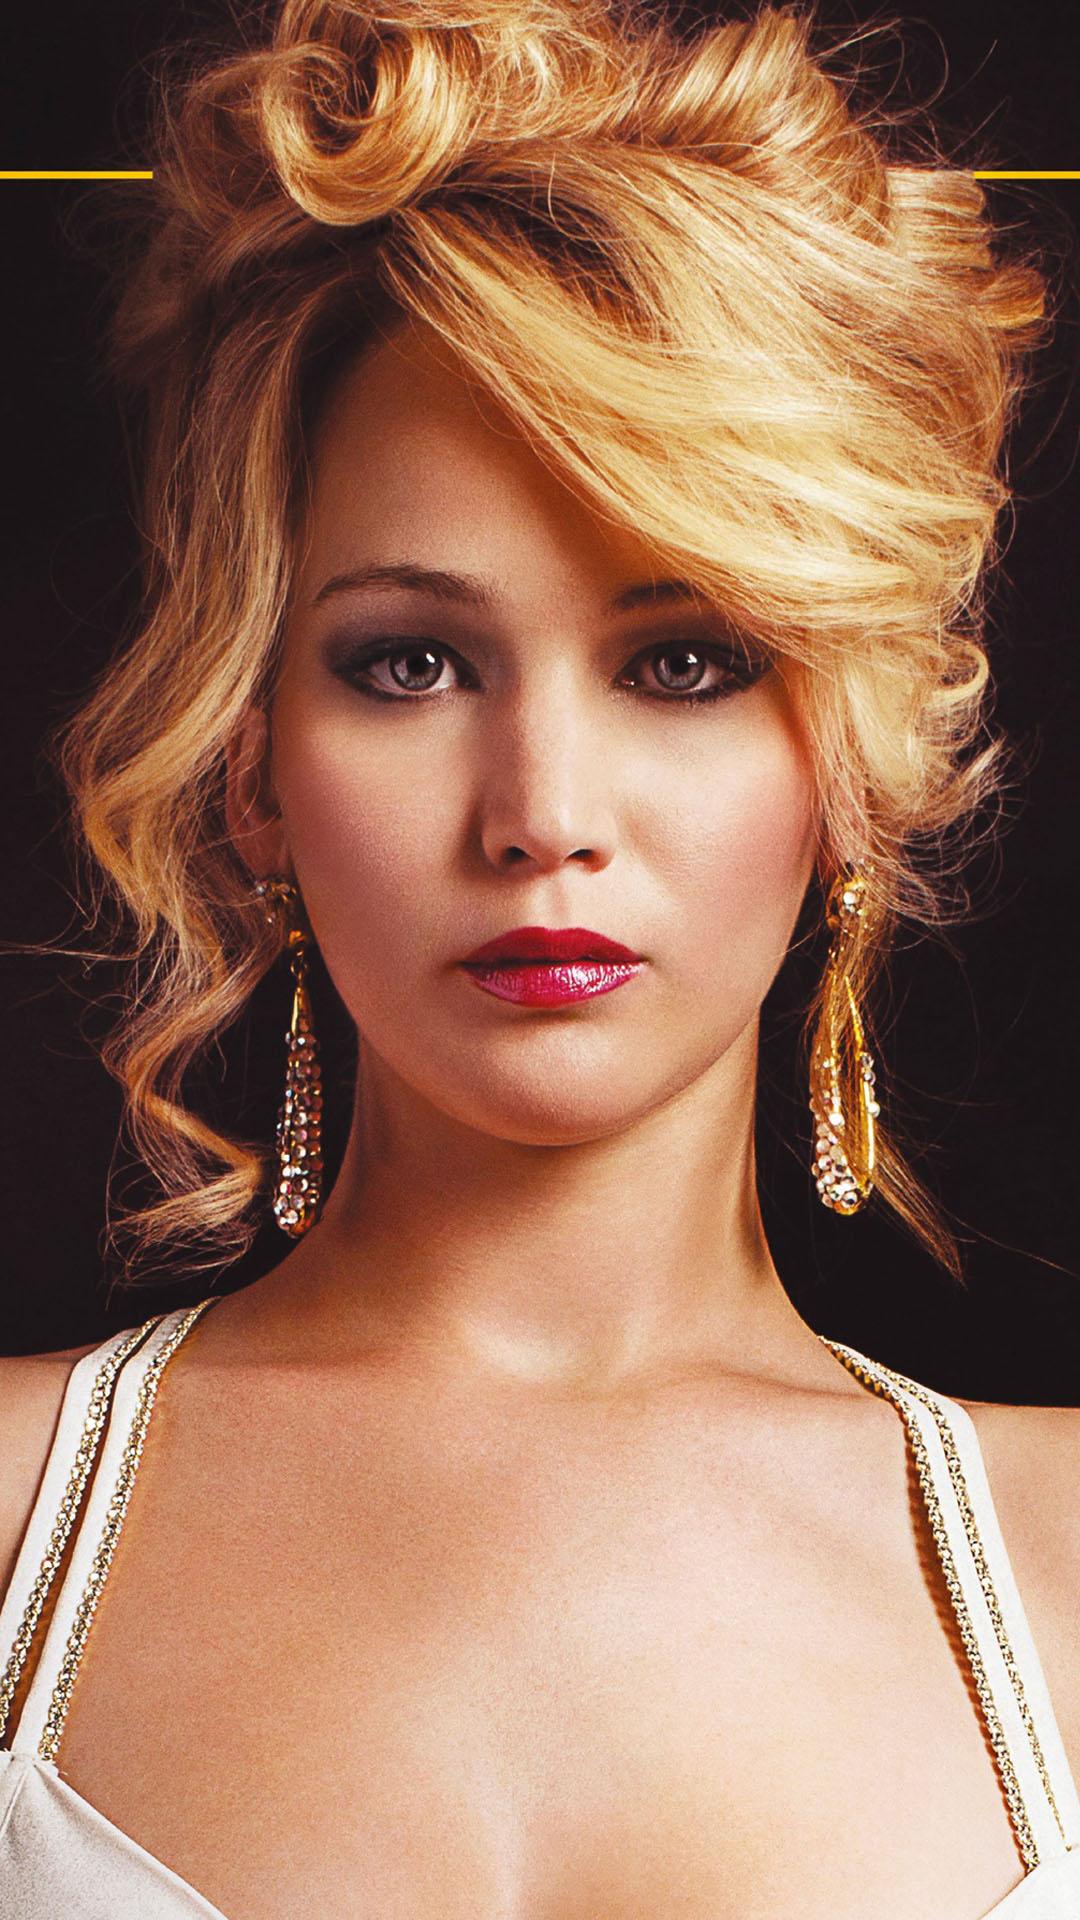 Jennifer-Lawrence-in-American-Hustle-wallpaper-wpc9206438